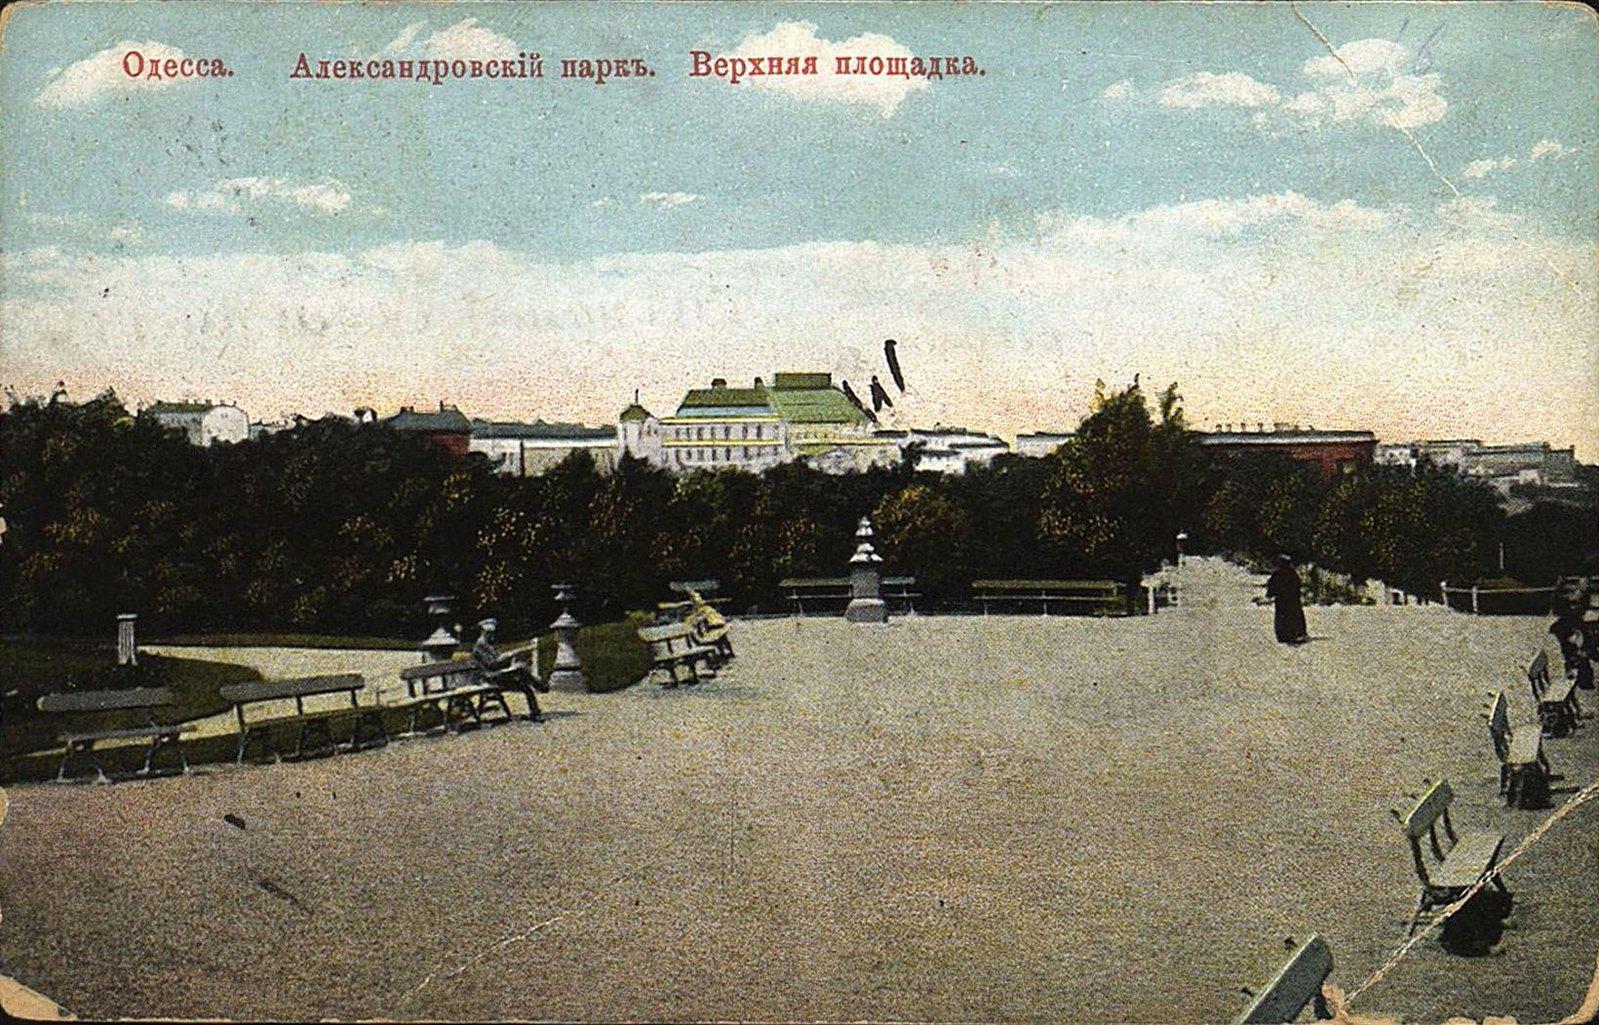 Александровский парк. Верхняя площадка